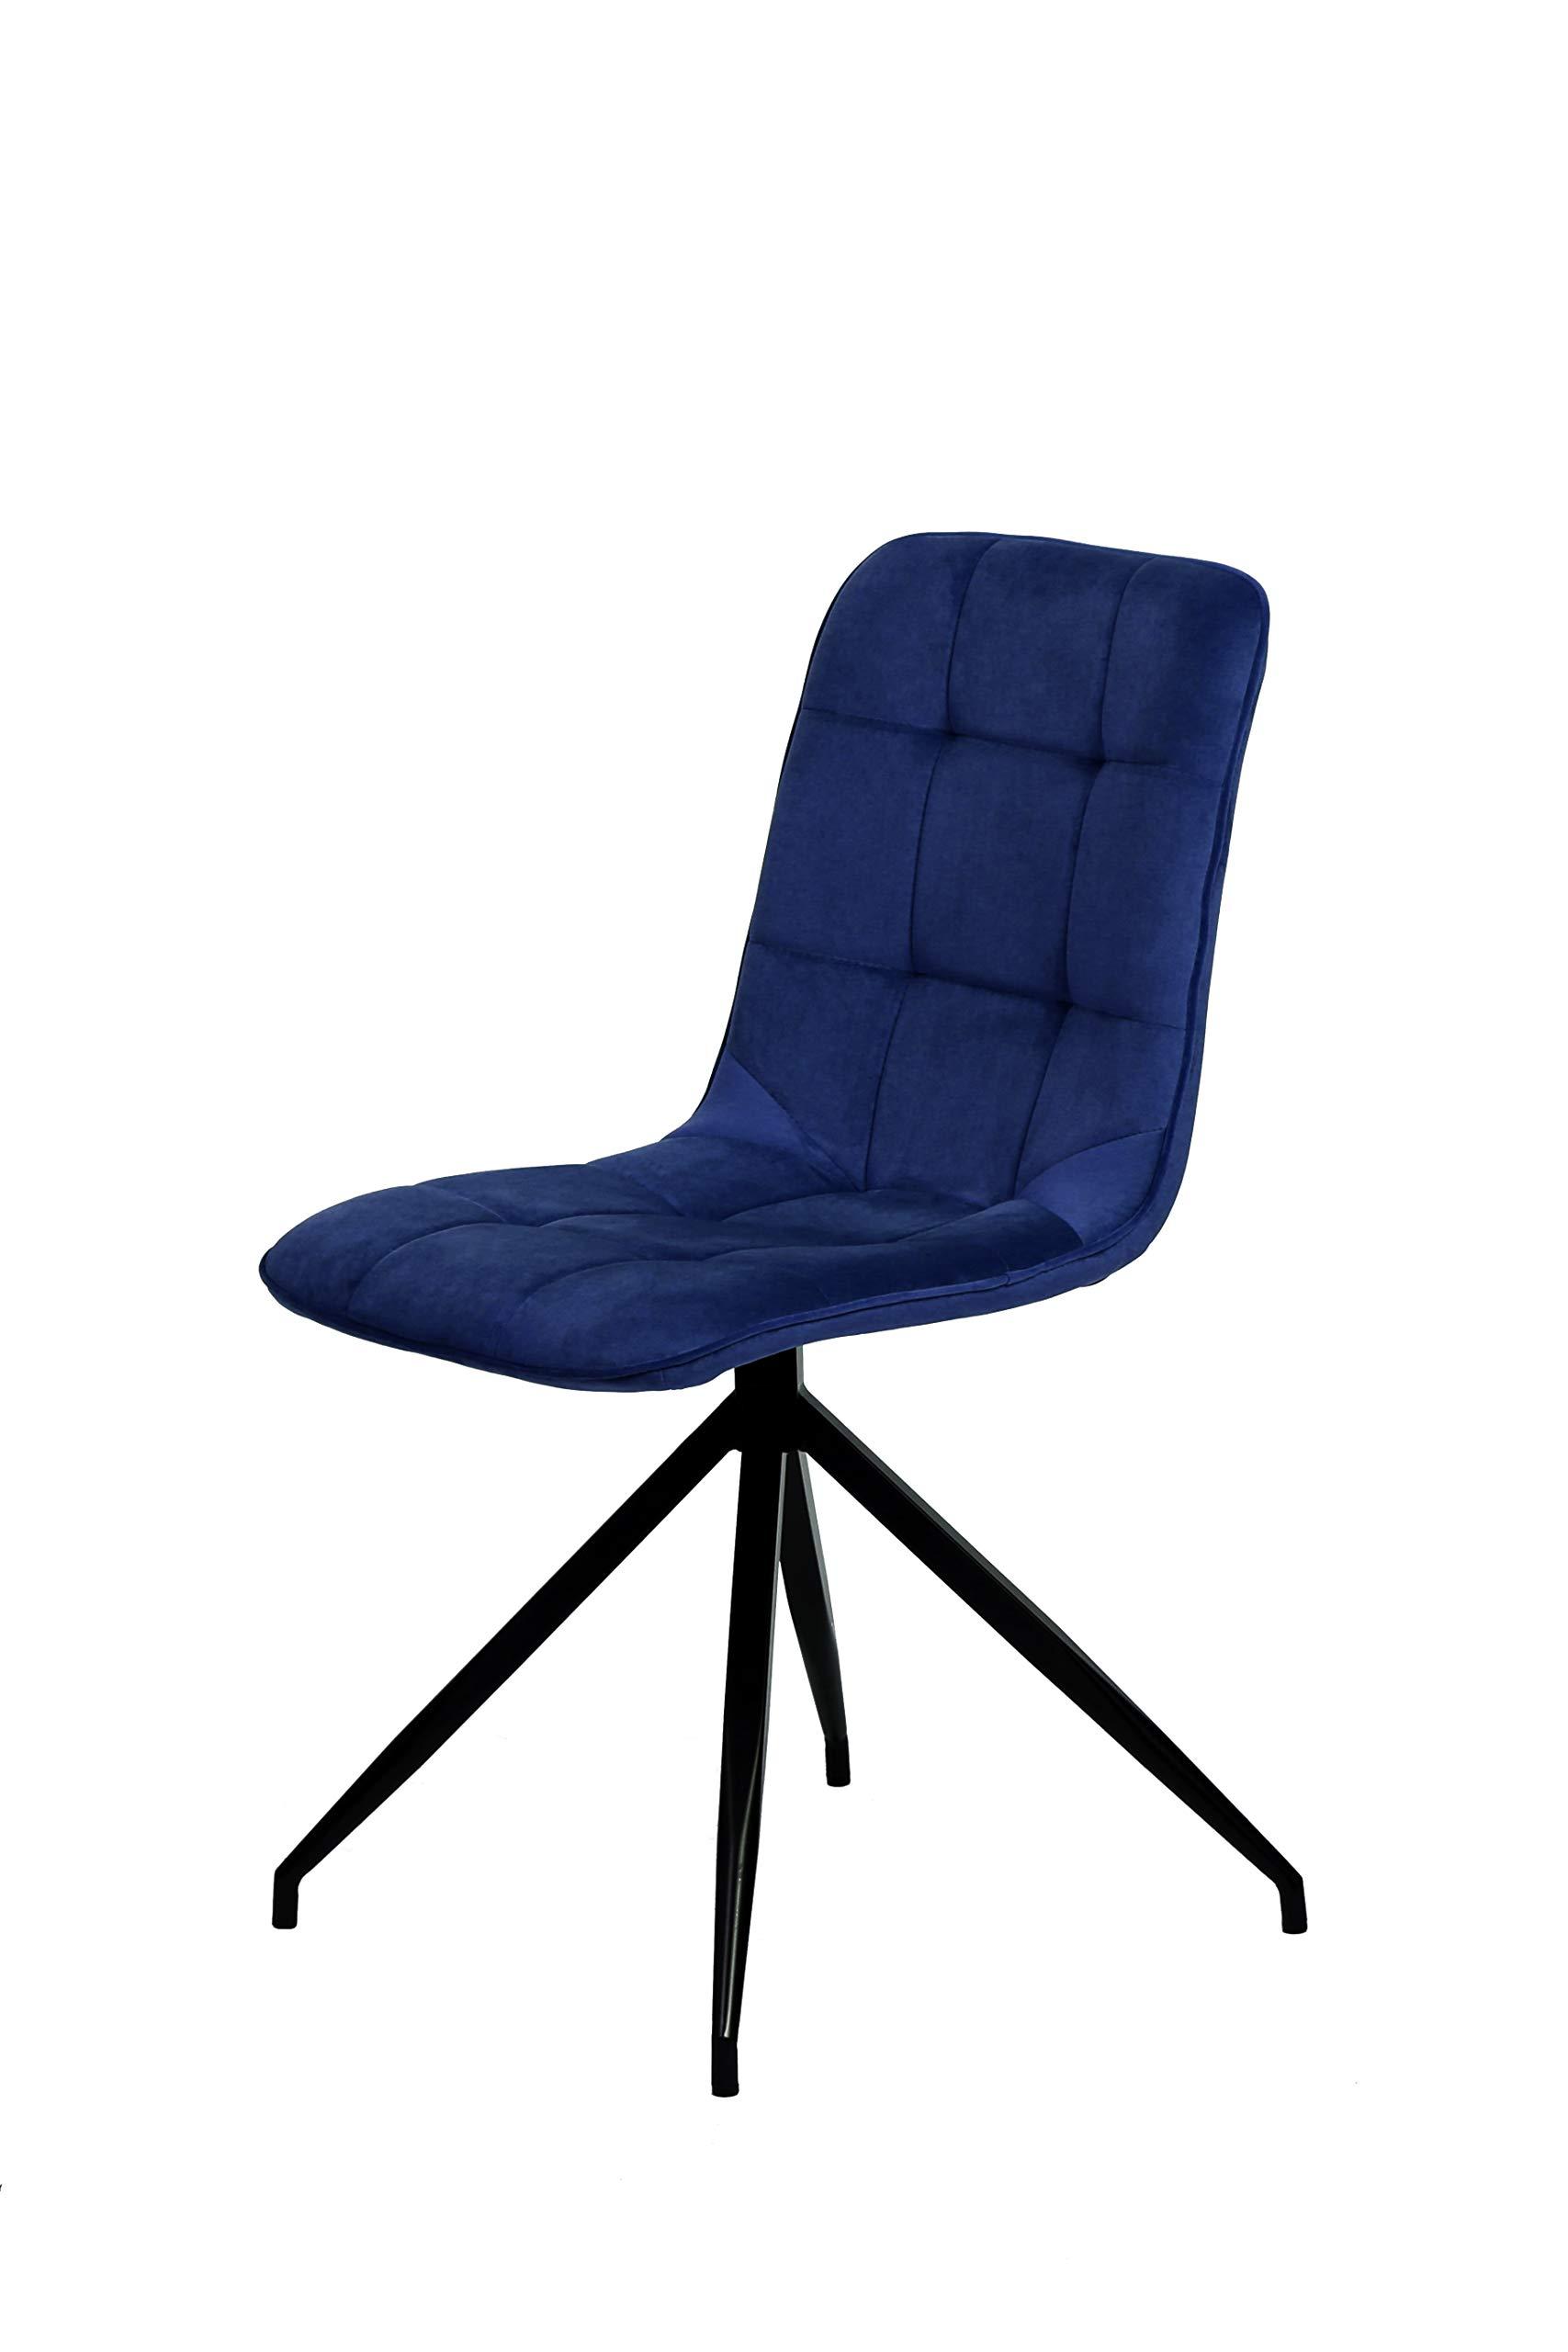 La Silla Española Maderuelo Silla, Telas, Azul índigo, Medidas: 46cm (Ancho) x 57cm (Fondo) x 88cm (Alto): Amazon.es: Juguetes y juegos